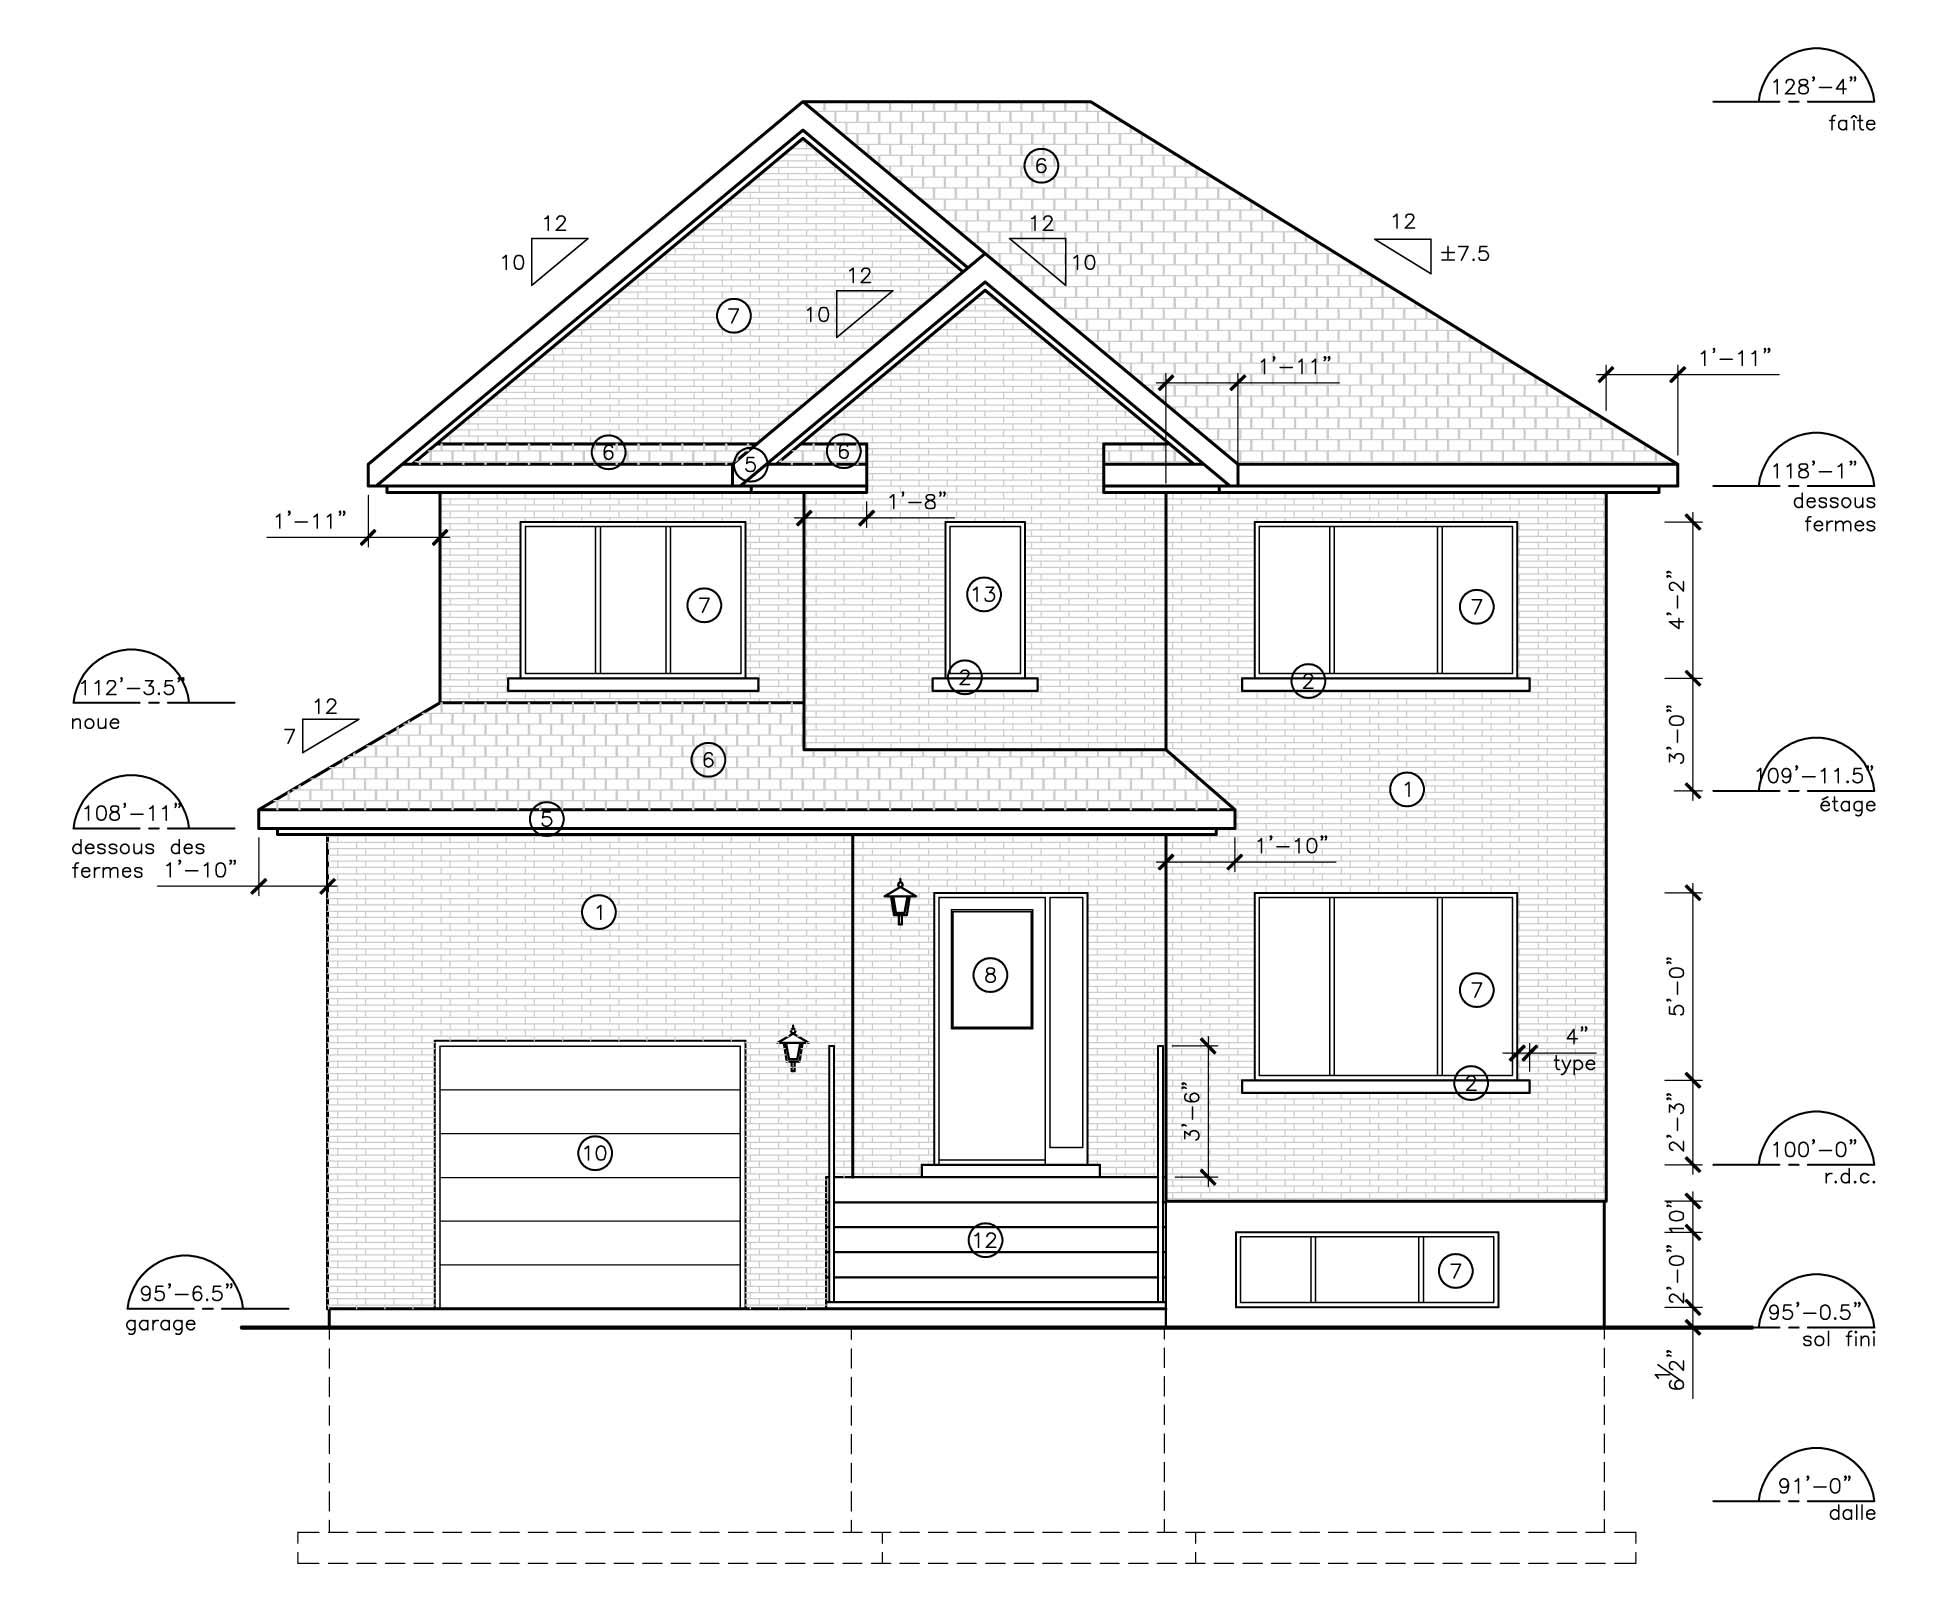 Architecture plan de maison - Maison François Fabie